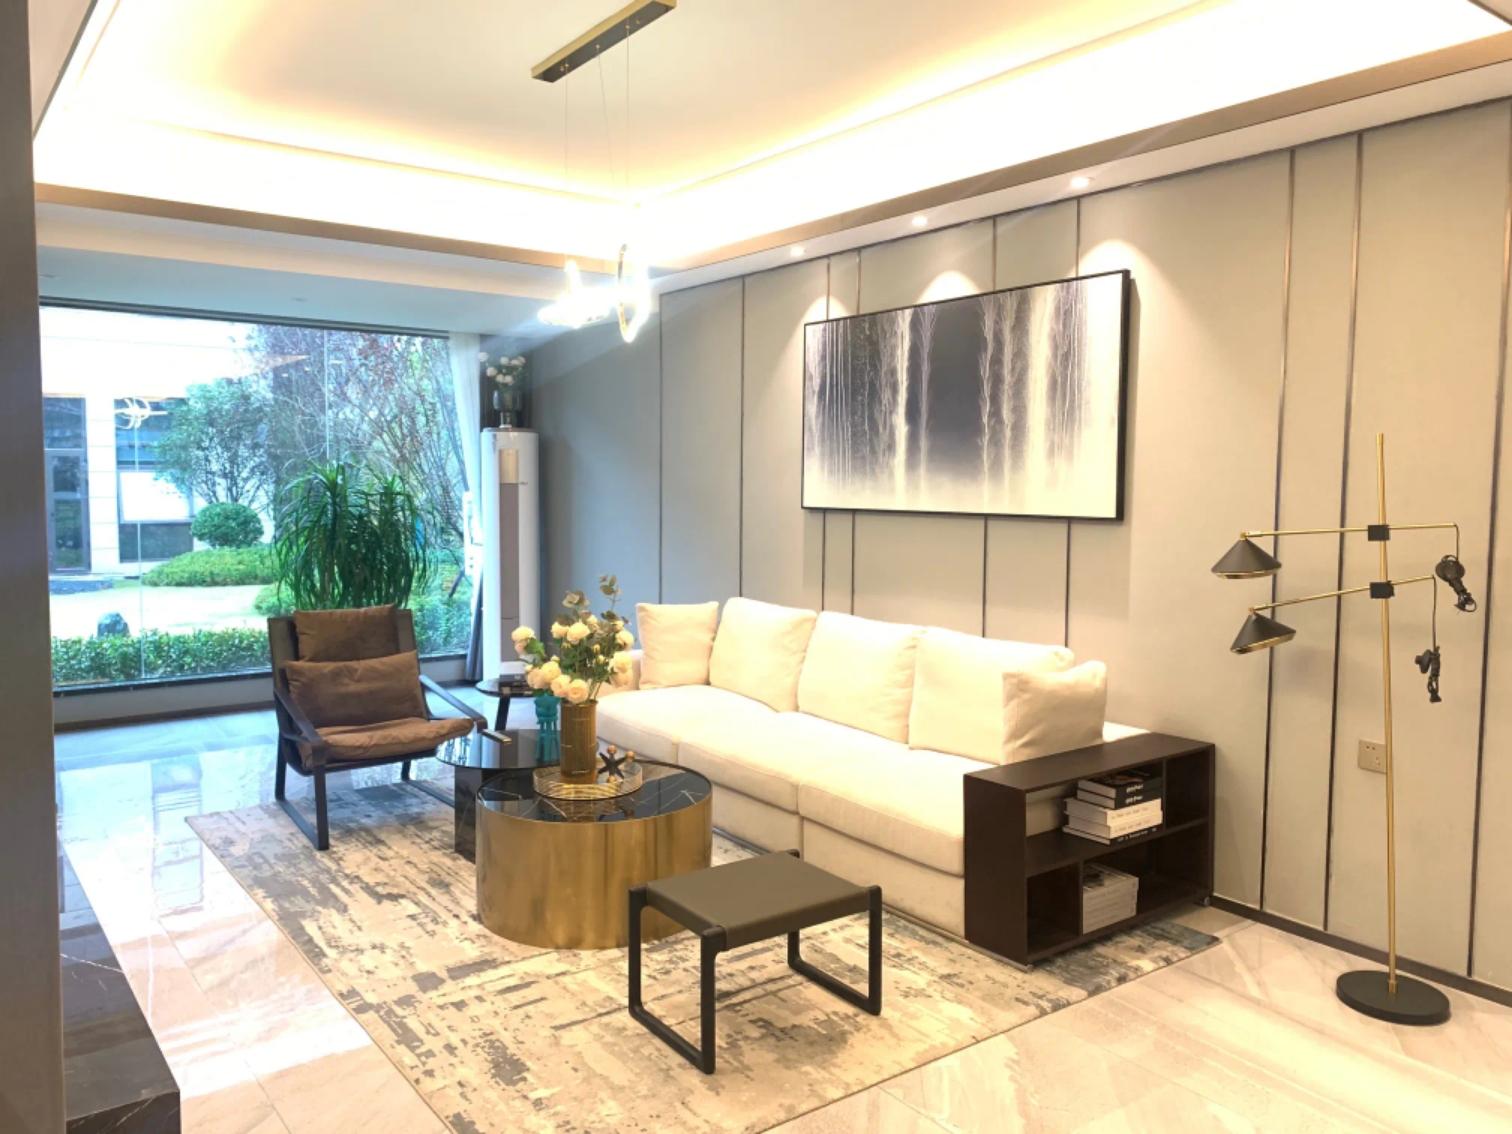 天津鹤立装修案例——130平现代三室两厅,这样的新房很大气!